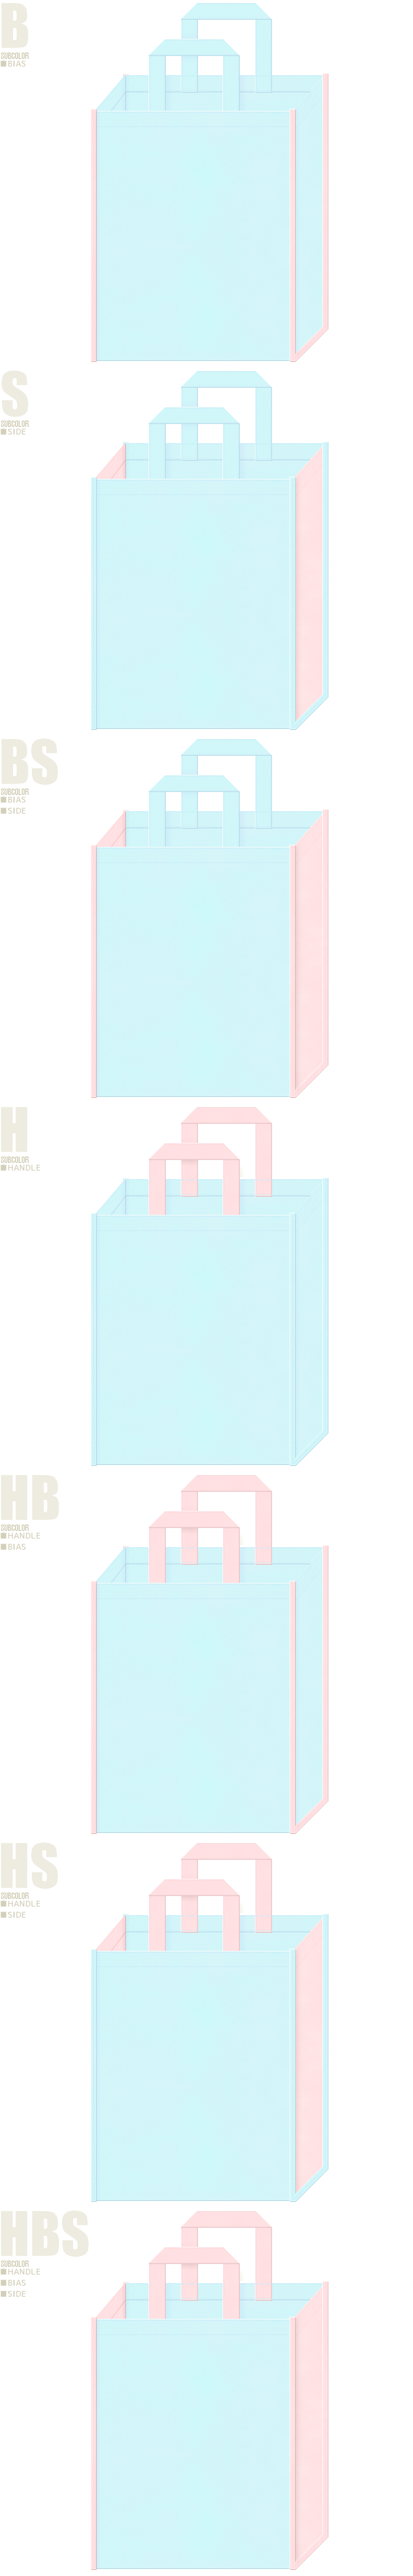 フェミニンファッションの展示会用バッグにお奨めの、水色と桜色-7パターンの不織布トートバッグ配色デザイン例:マーメイド風の配色です。